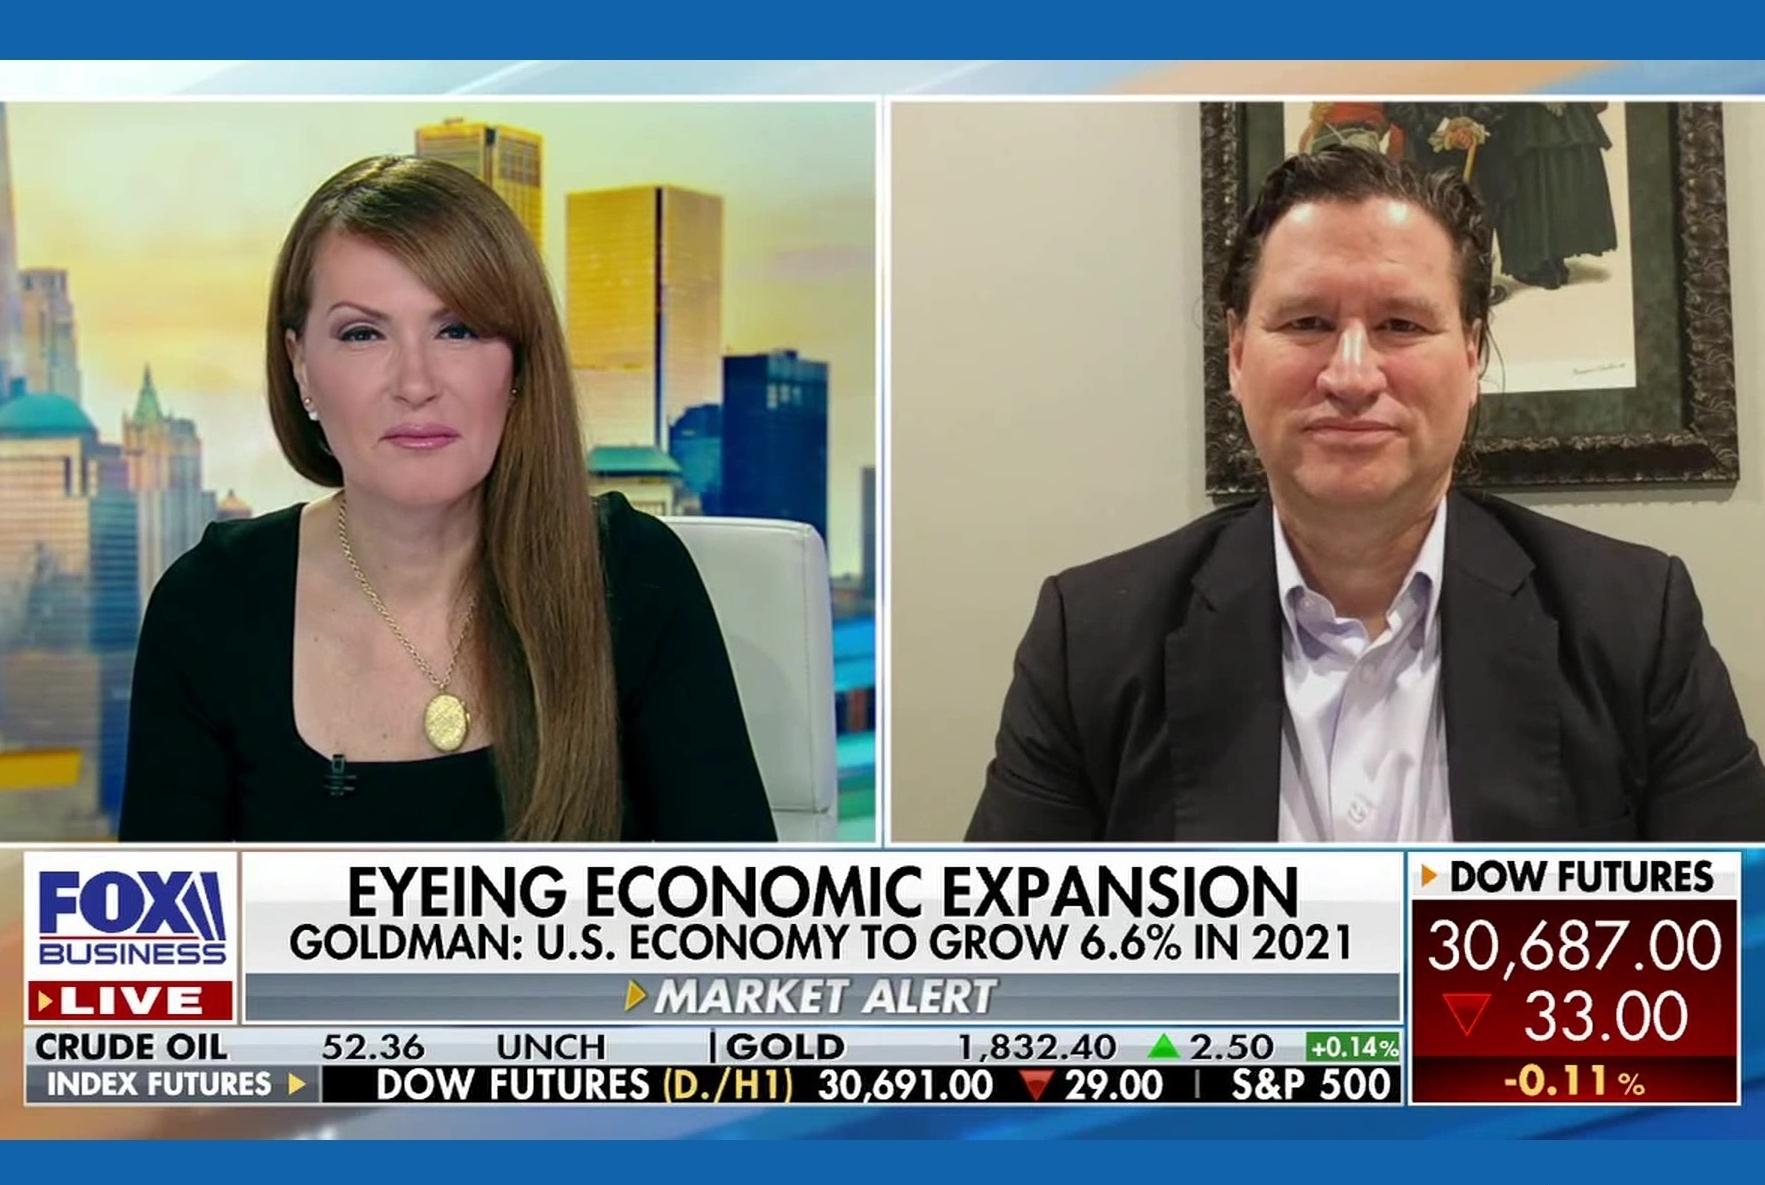 Eyeing Economic Expansion